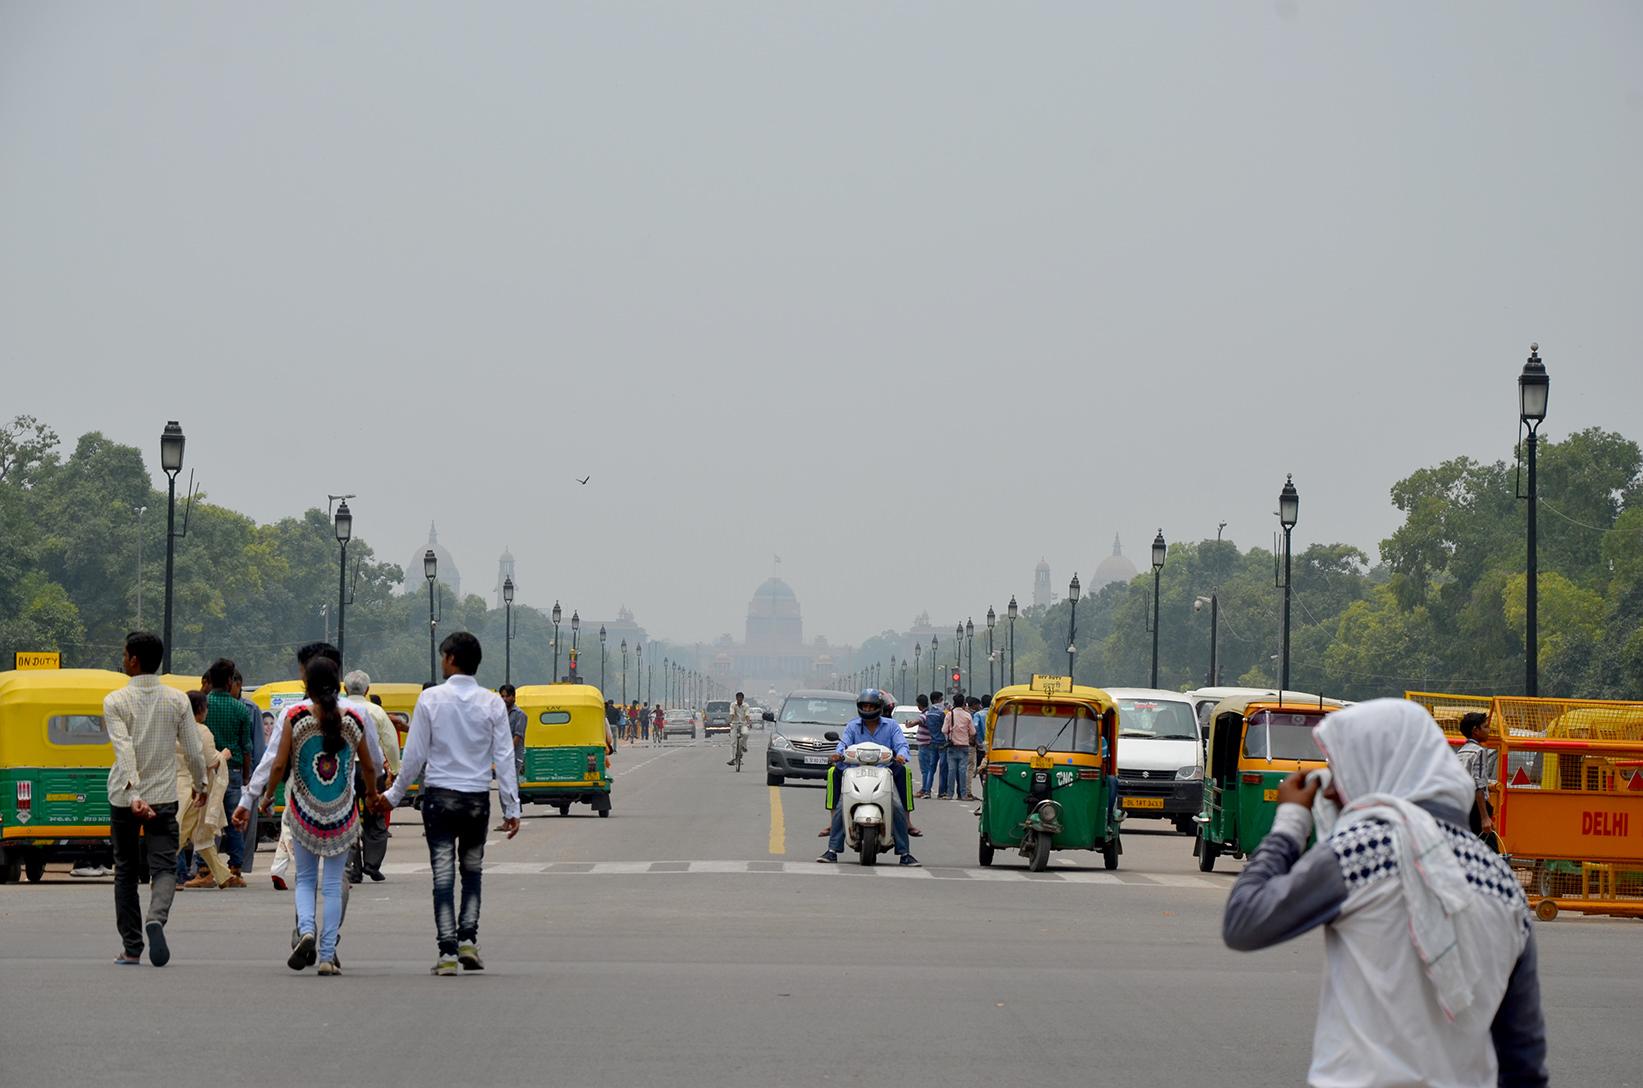 Наши лучшие фотографии из путешествий 2016 года. Нью-Дели, Индия